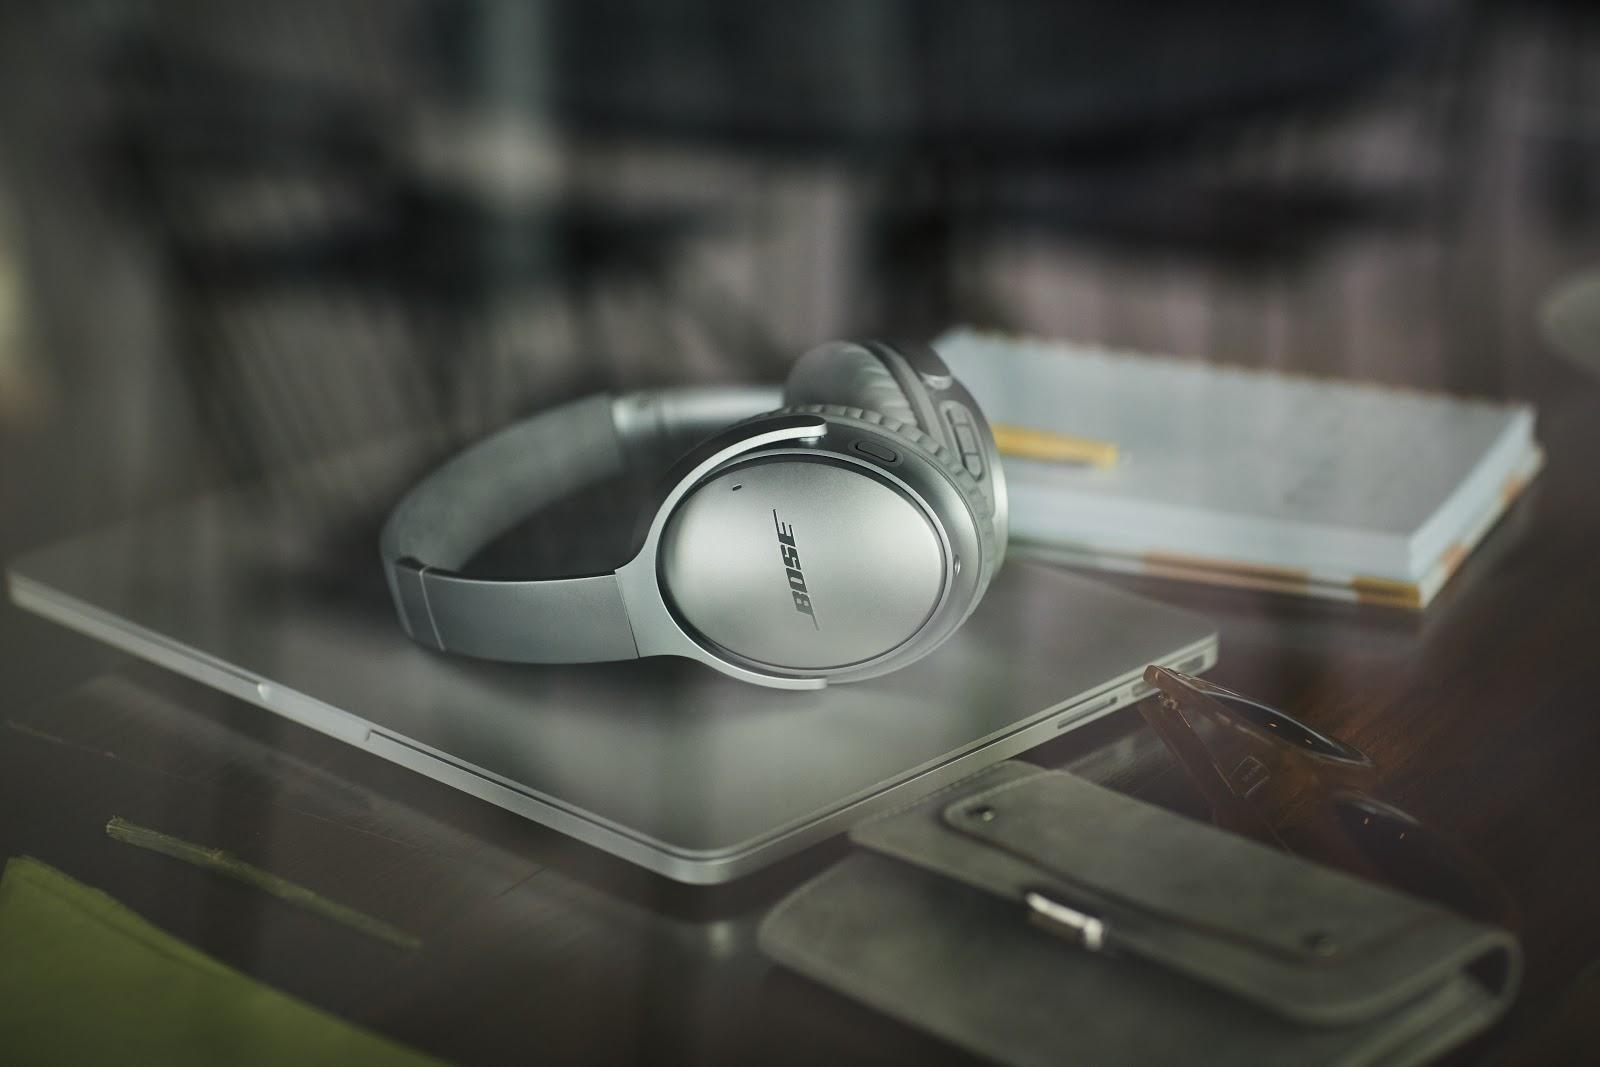 Bose QuietComfort 35 II eadphones